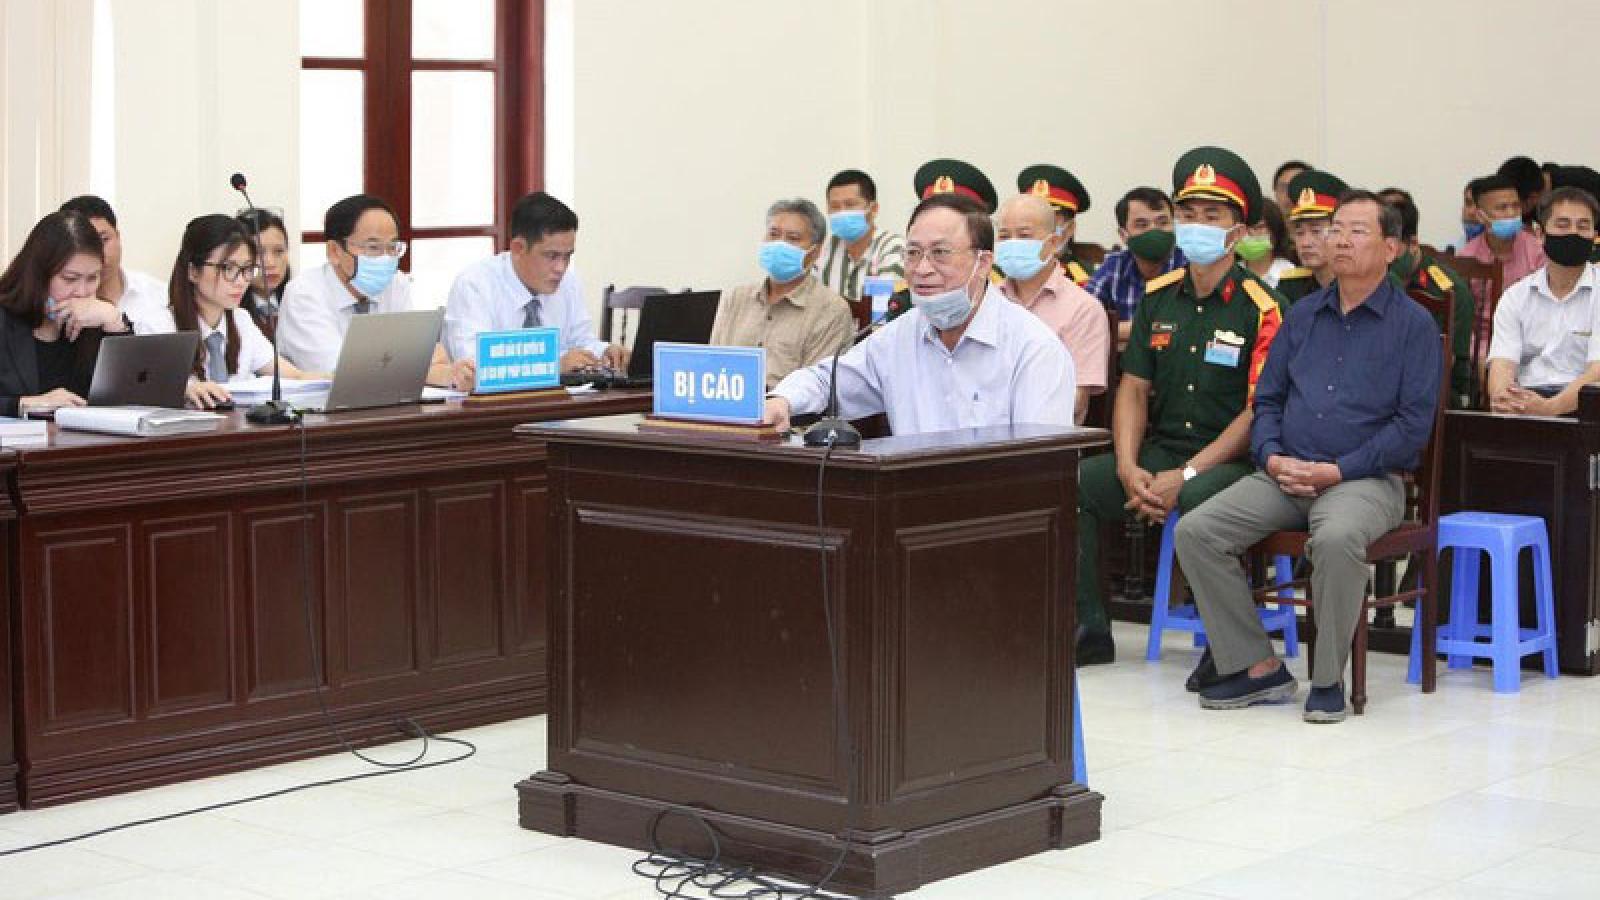 Nóng 24h: Tòa tuyên án cựu Thứ trưởng Bộ Quốc phòng Nguyễn Văn Hiến